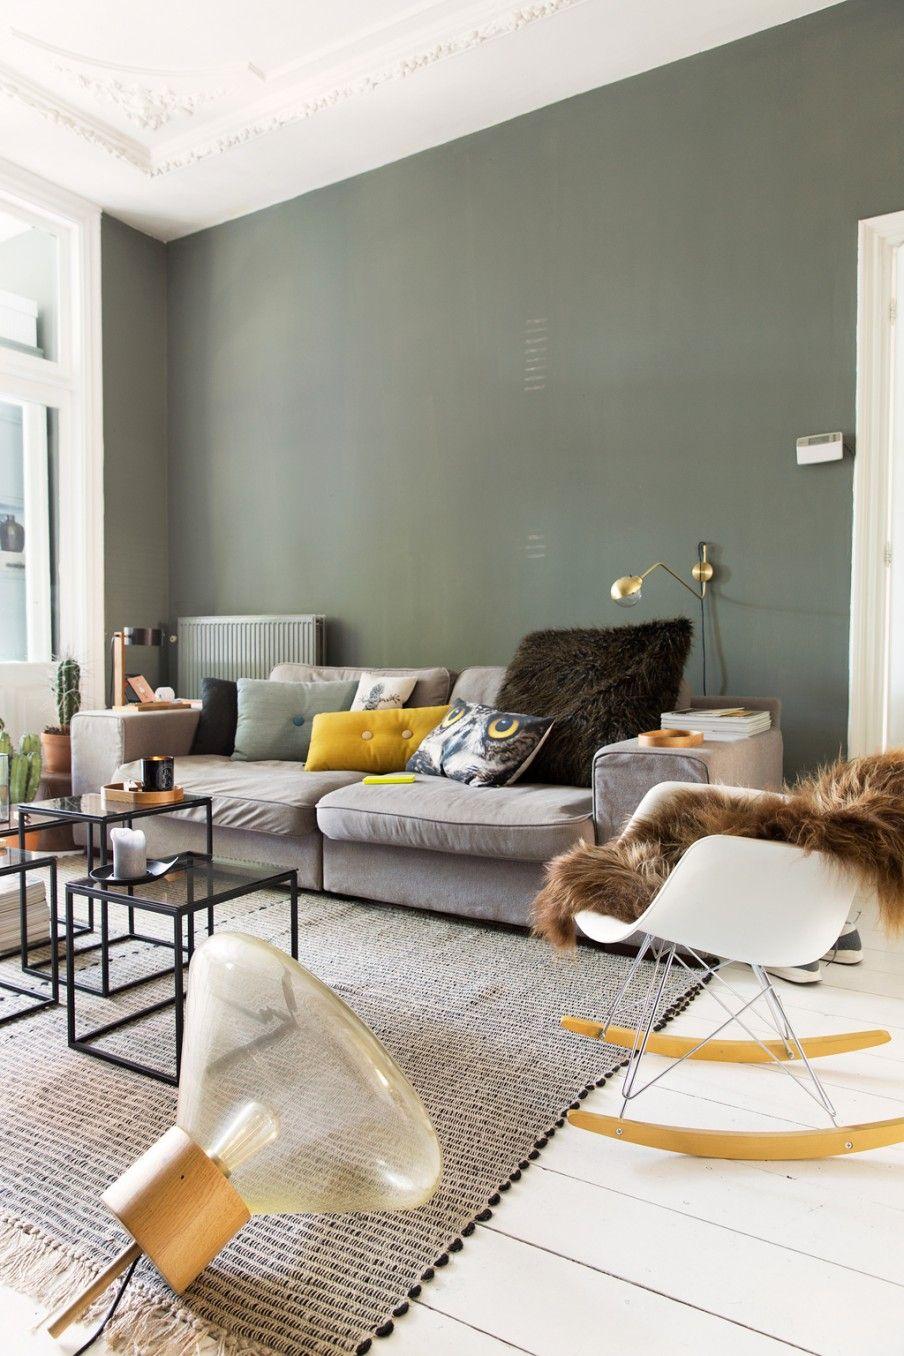 Kleuren Voor Huiskamer.Associer Les Verts En Deco On Ose Le Mixe Interieur